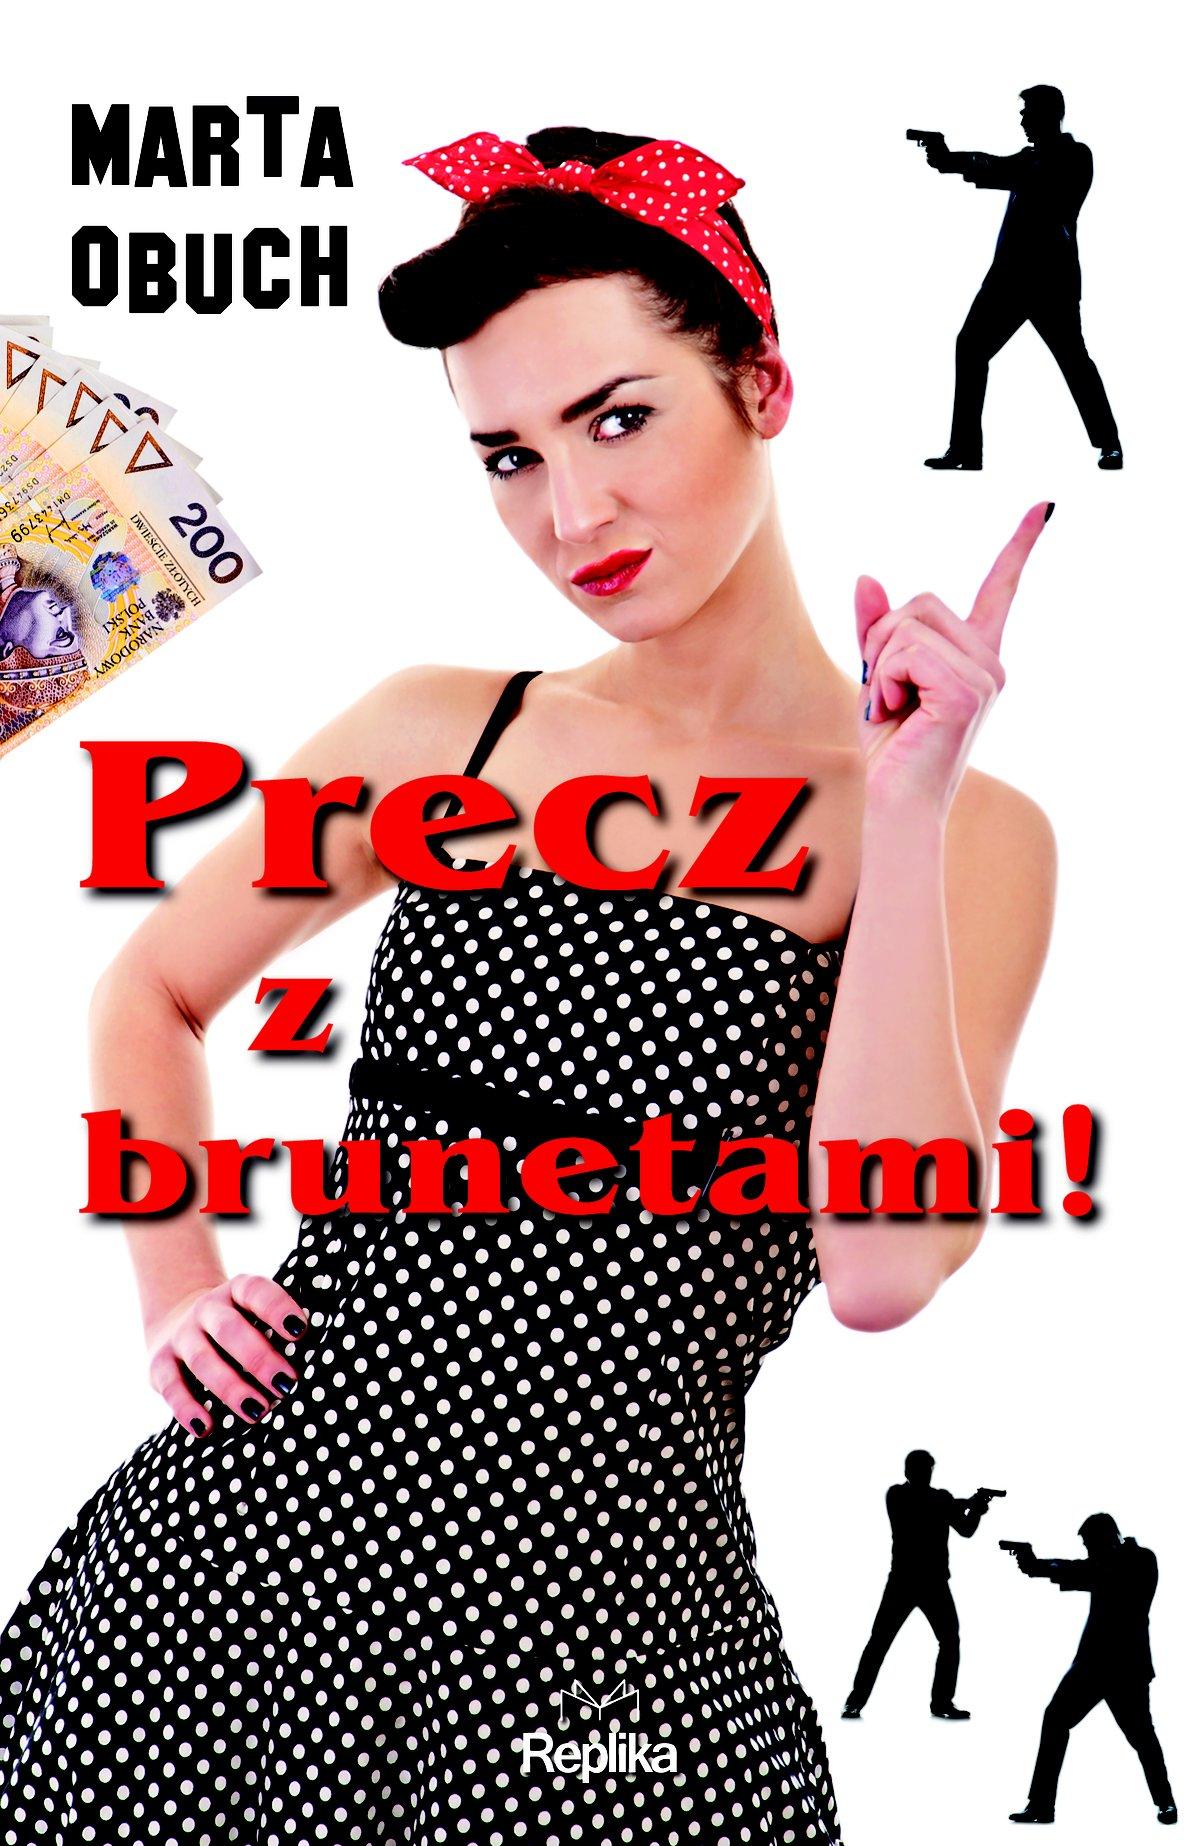 Przecz z brunetami - Ebook (Książka EPUB) do pobrania w formacie EPUB